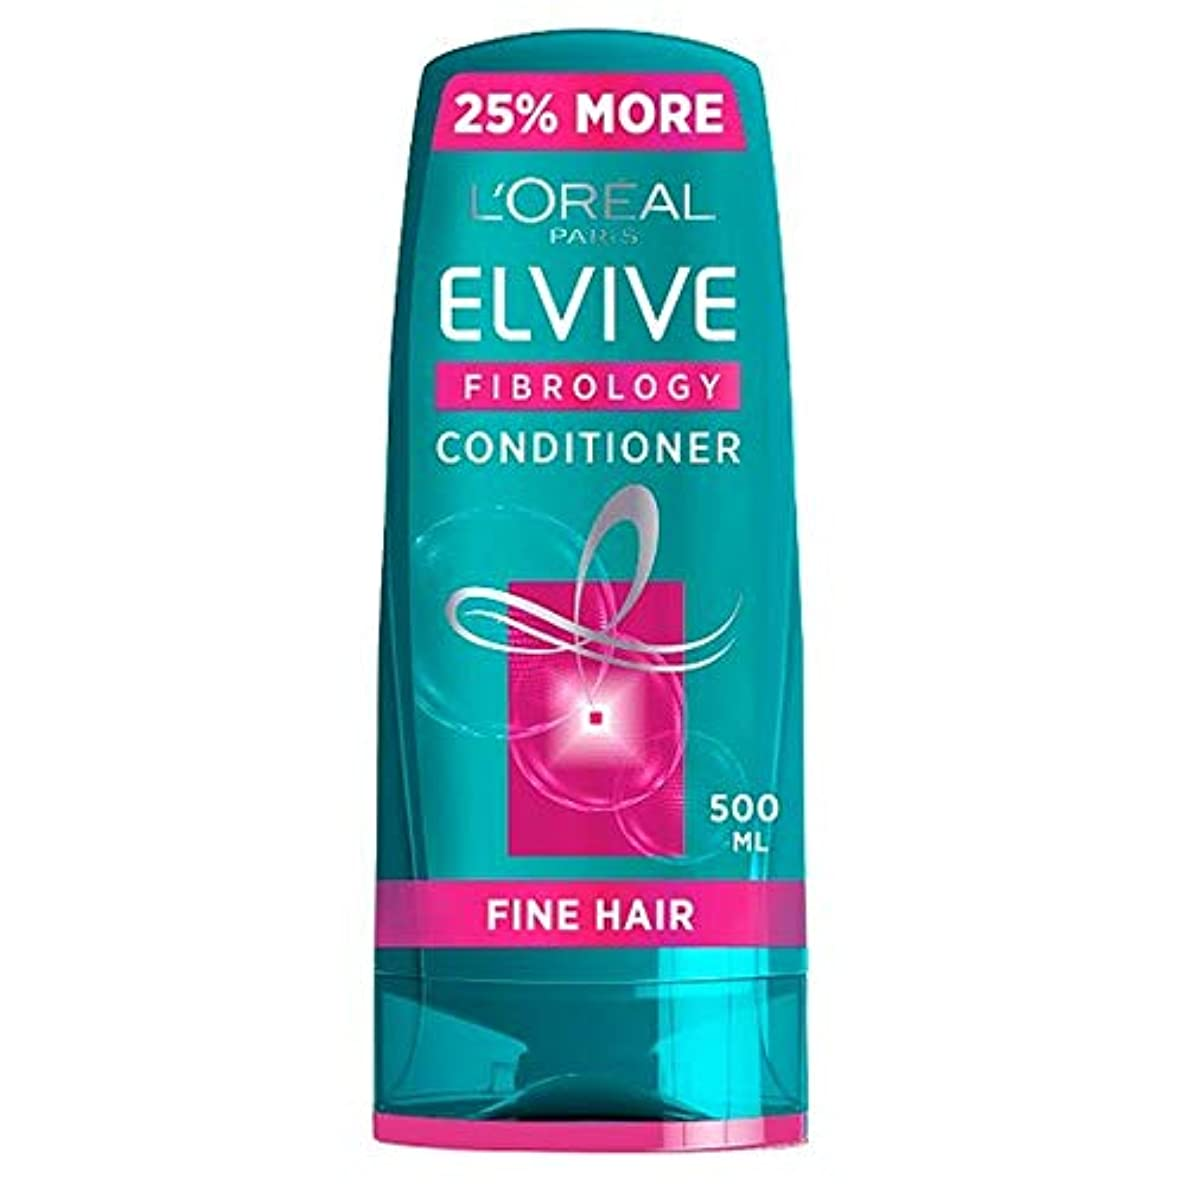 チーフ提案する溶融[Elvive] ロレアルElvive Fibroligy細いヘアコンディショナー500ミリリットル - L'oreal Elvive Fibroligy Fine Hair Conditioner 500Ml [並行輸入品]